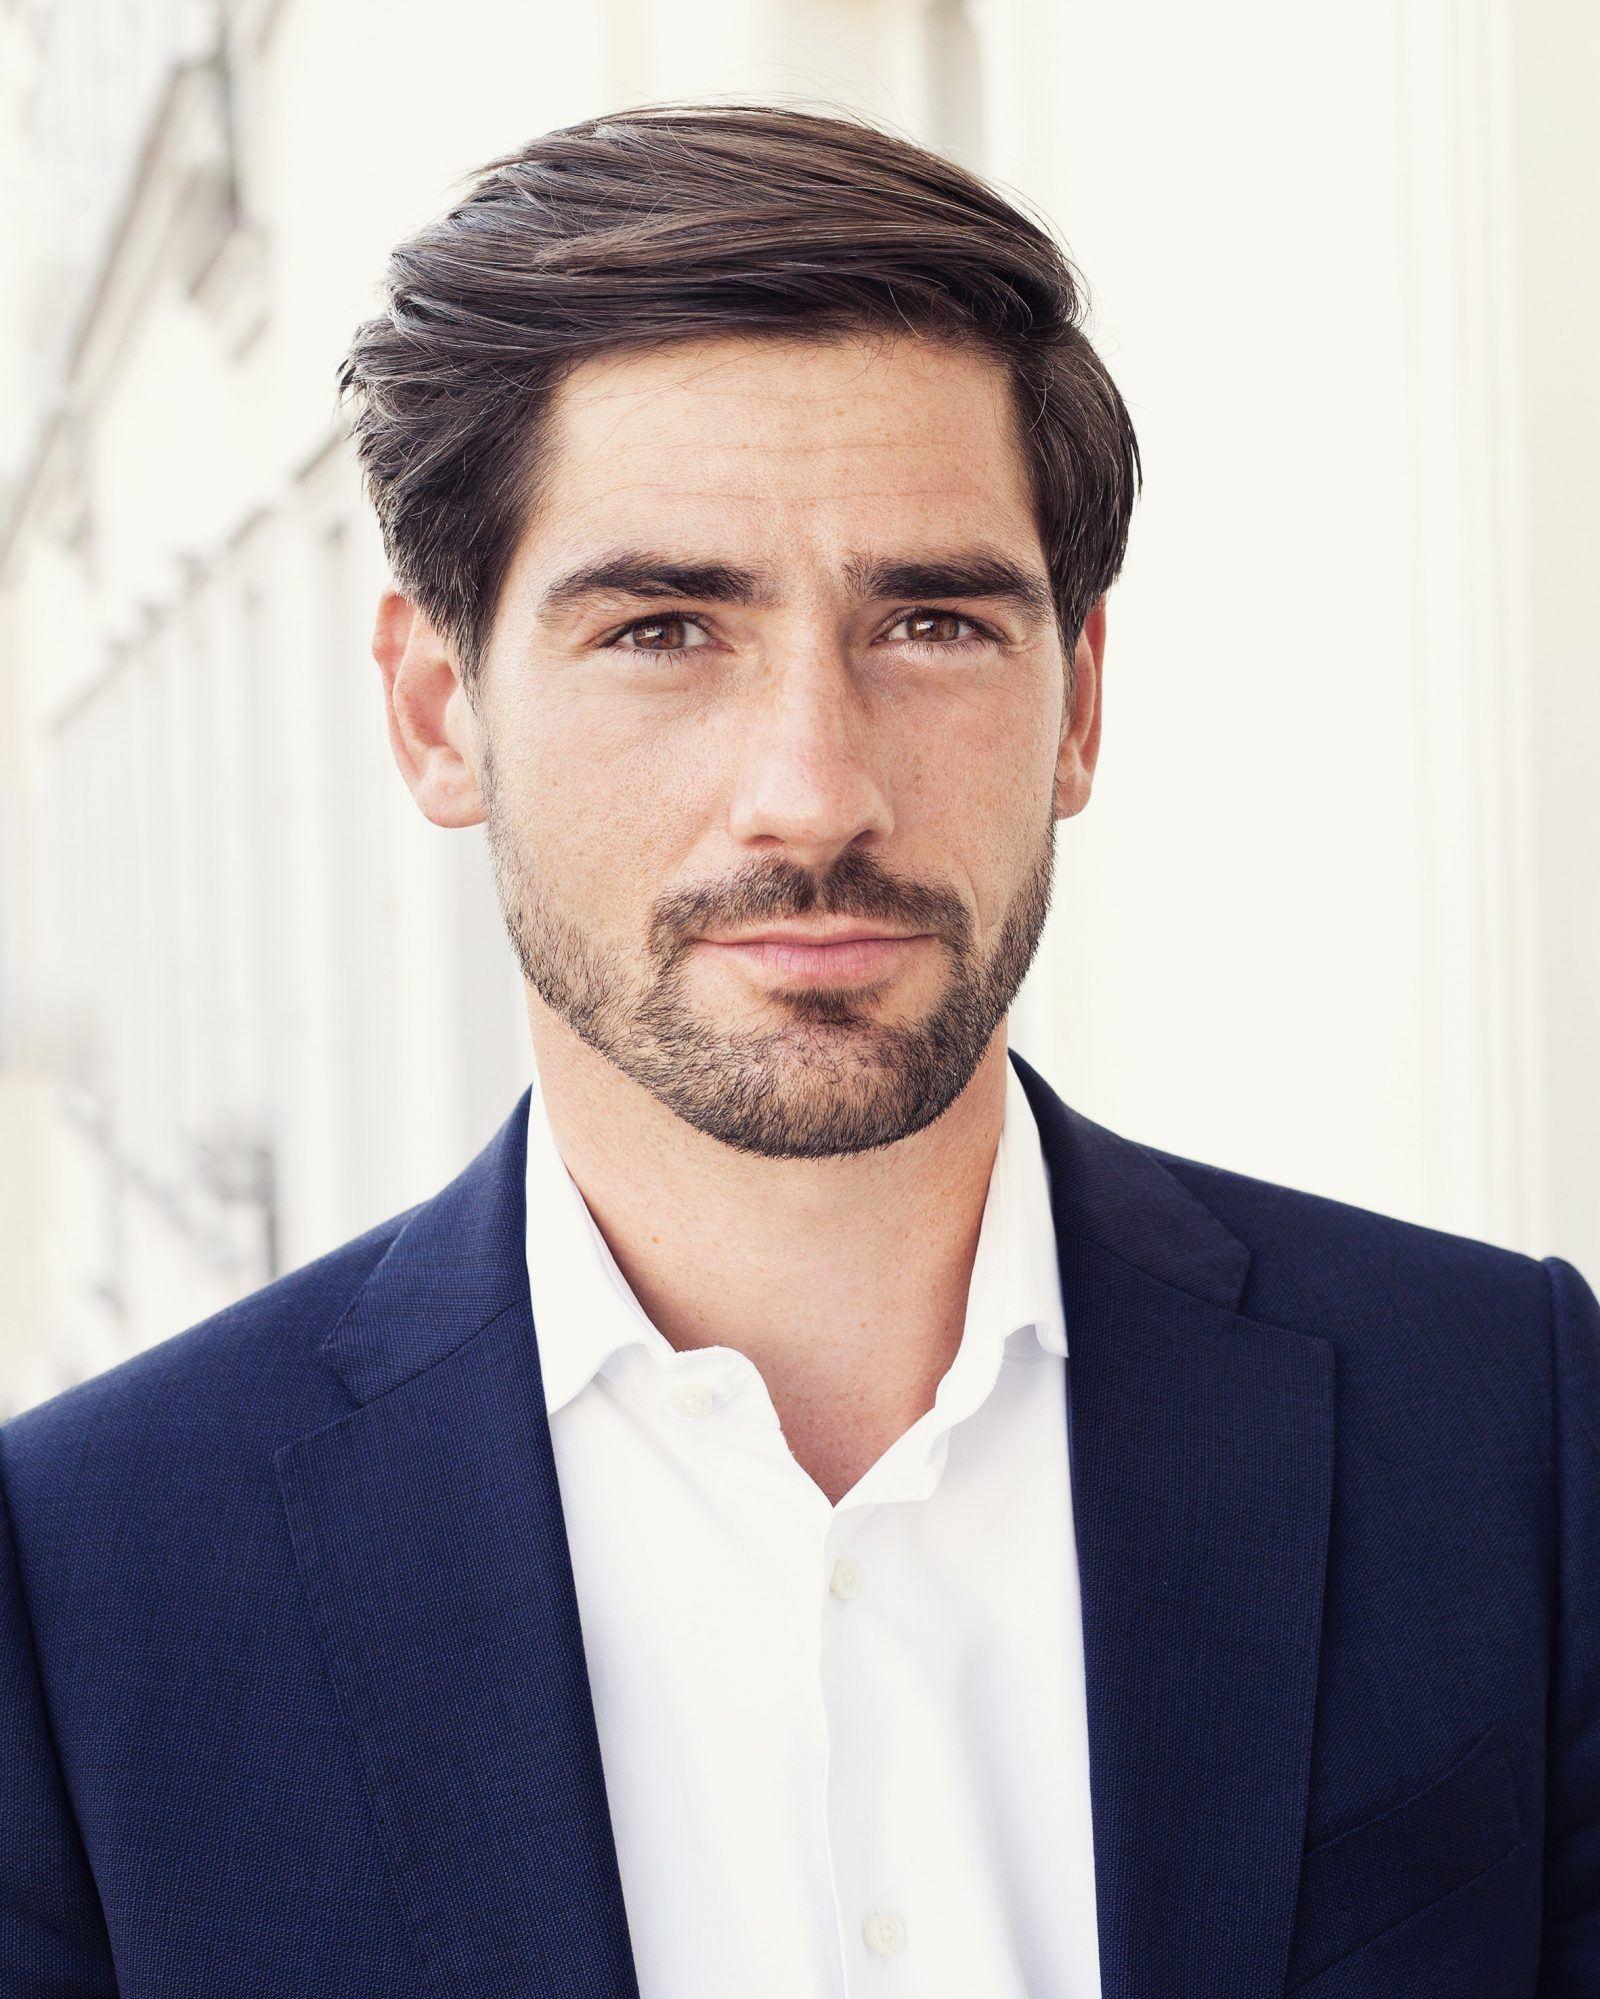 Arbeitsmarktexperte und Politikberater Max Neufeind